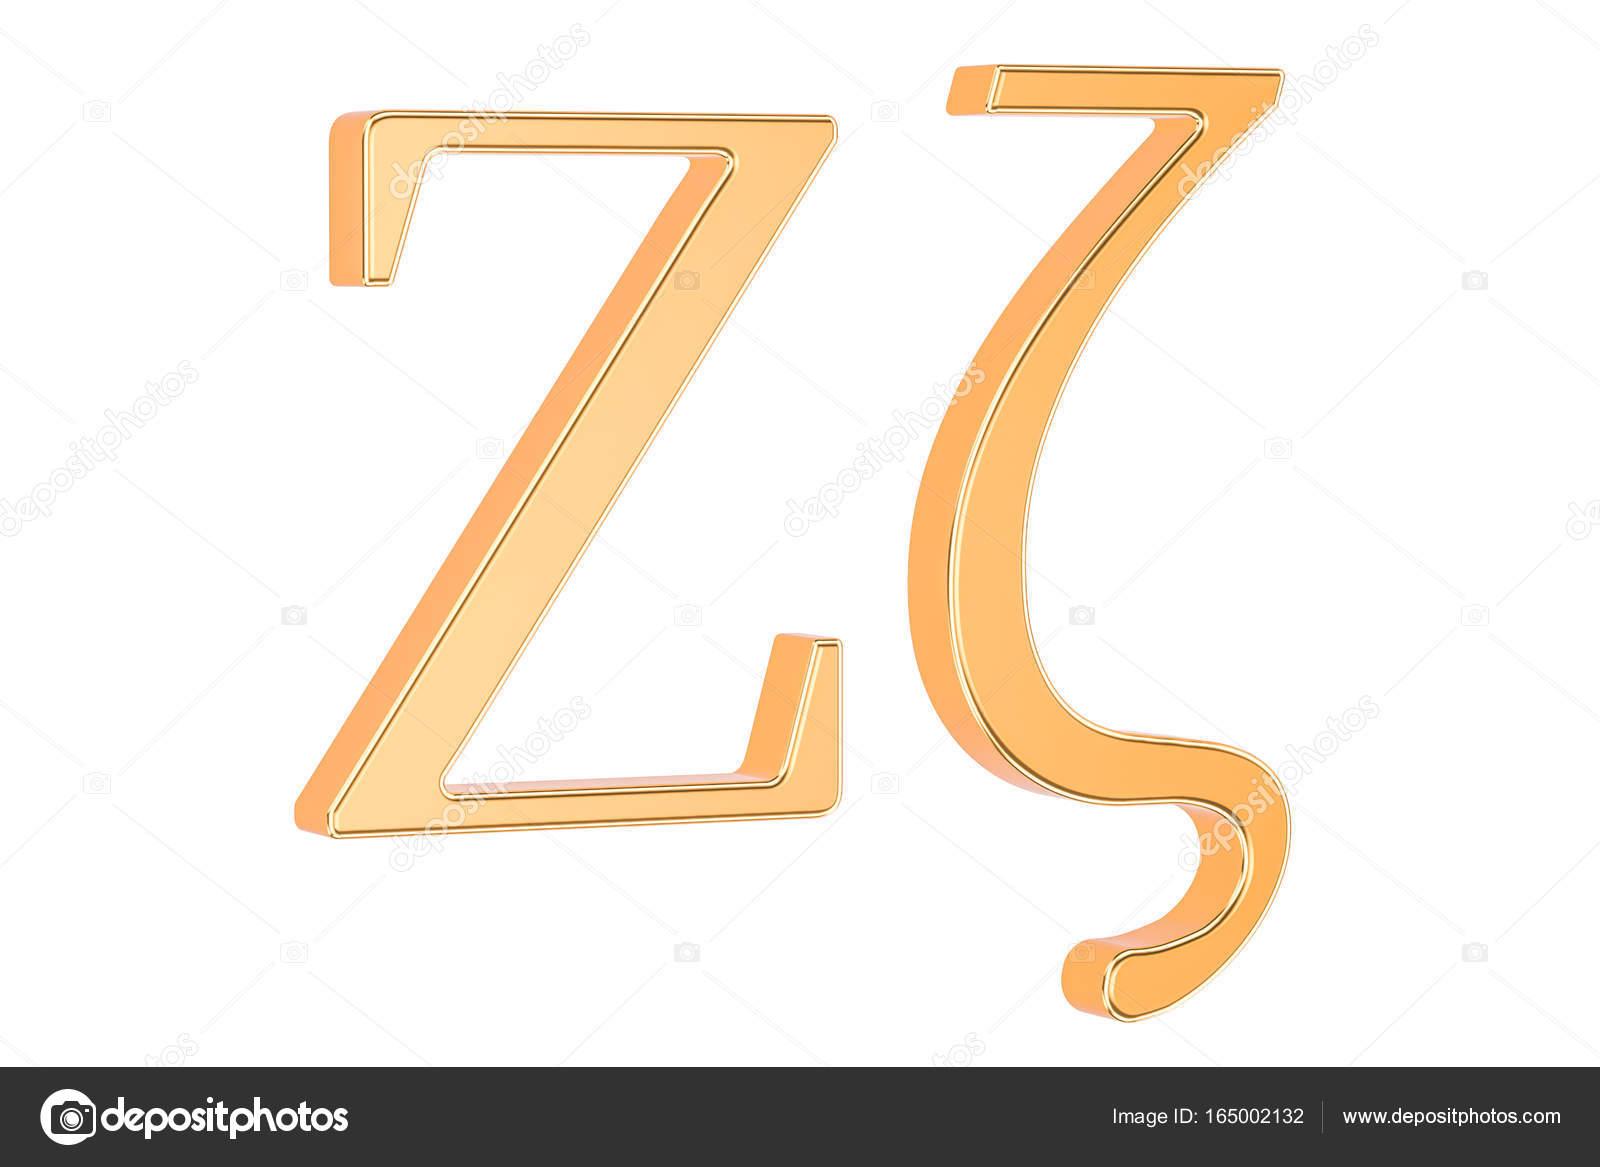 zeta lettre grecque Or lettre grecque zêta, rendu 3d — Photographie alexlmx © #165002132 zeta lettre grecque